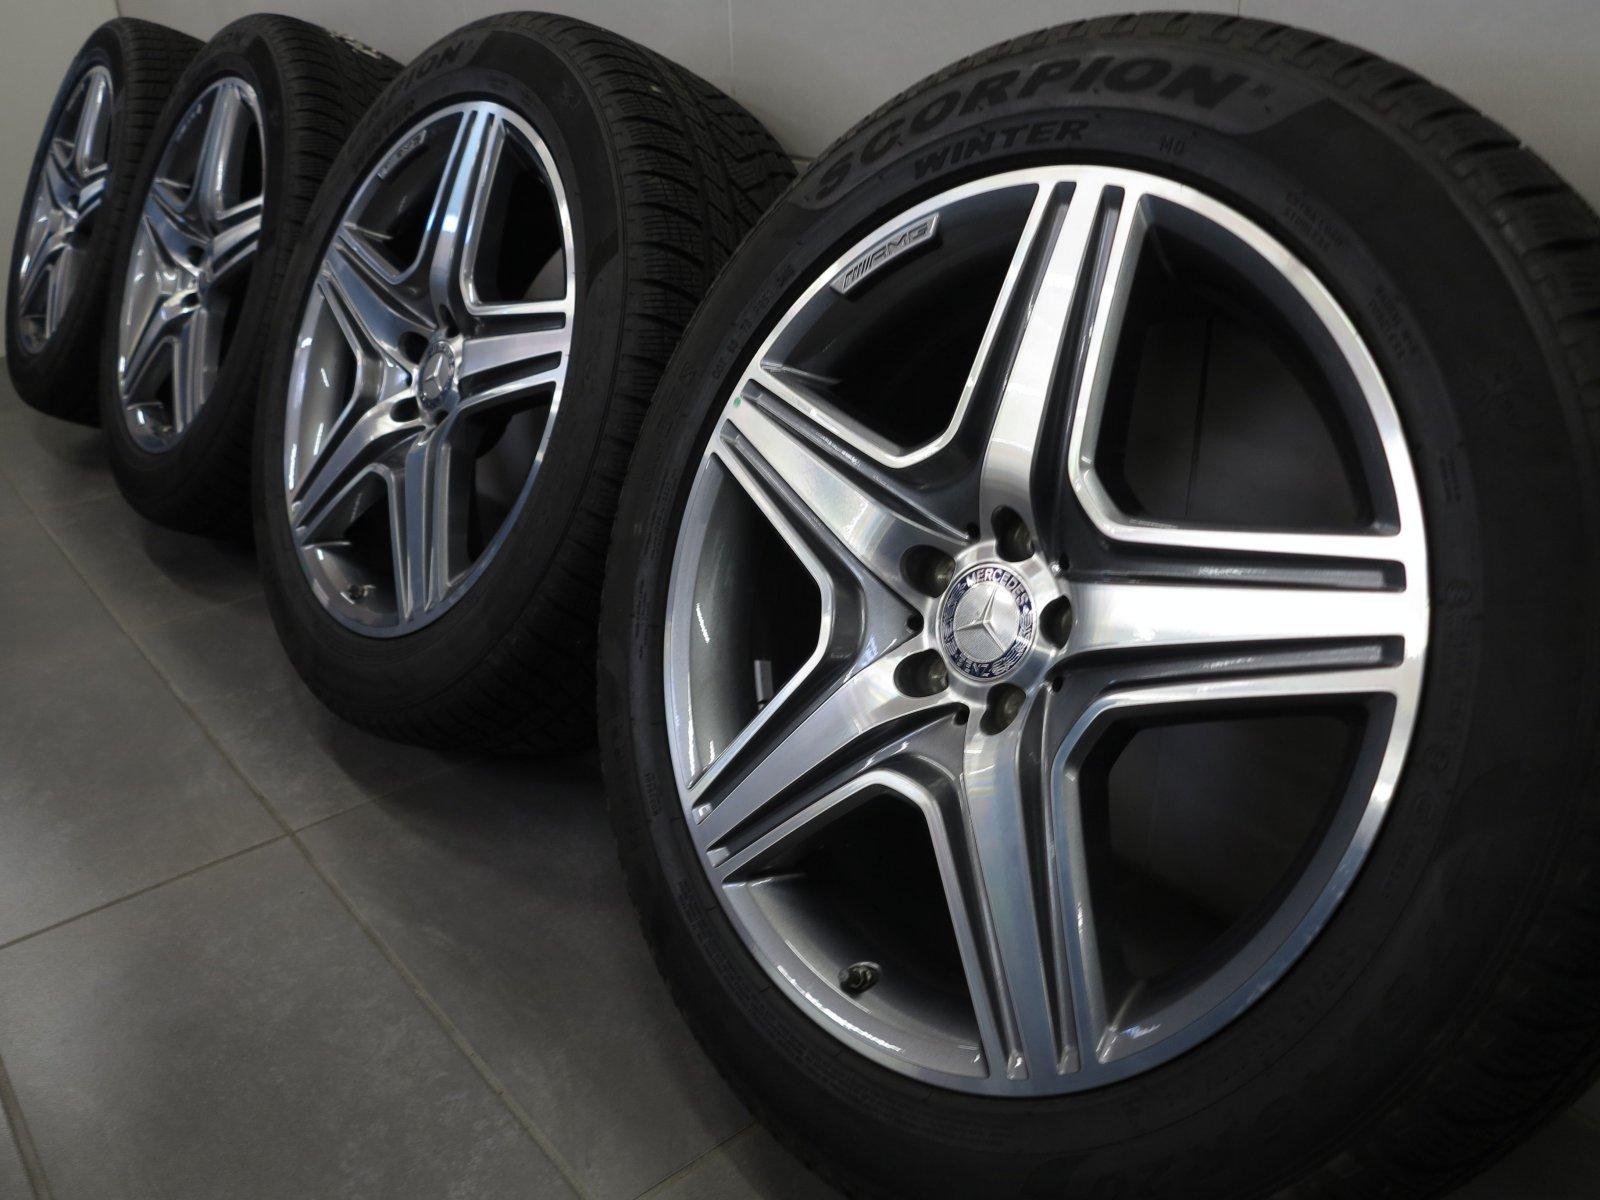 20 Inch Winter Tyres Mercedes Benz GL63 AMG W166 Rims A1664012202 | eBay